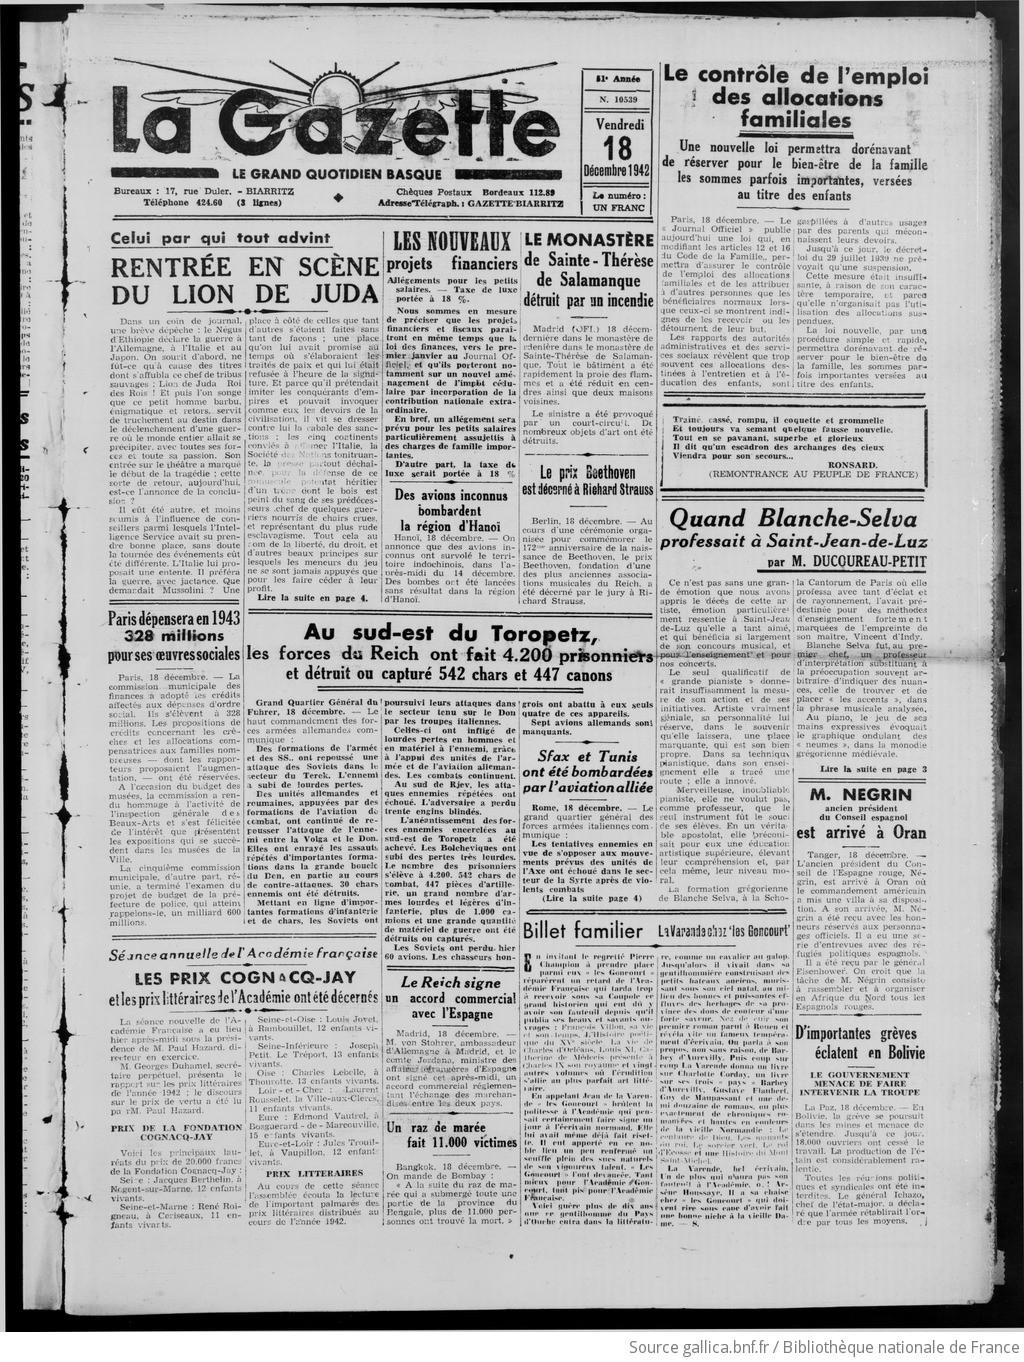 Et BayonneBiarritz Pays 18 Gazette Basque1942 Du Gallica De 12 CBerxdo